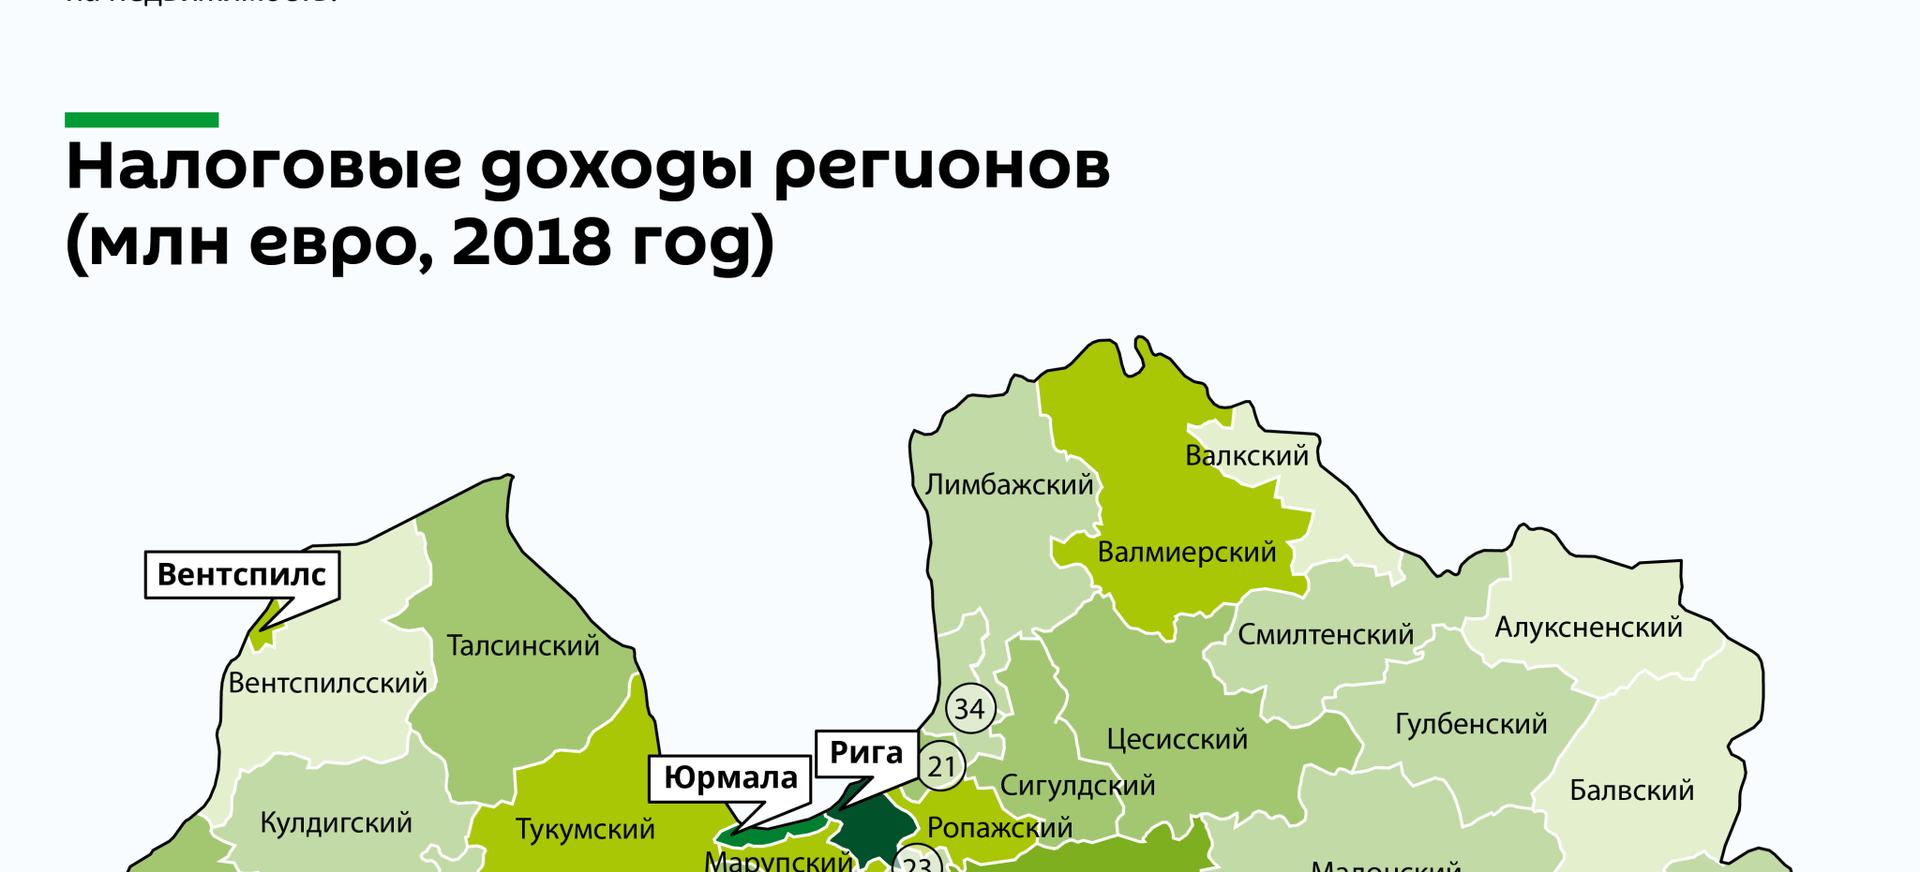 Налоговые доходы новых самоуправлений Латвии - Sputnik Латвия, 1920, 15.01.2021